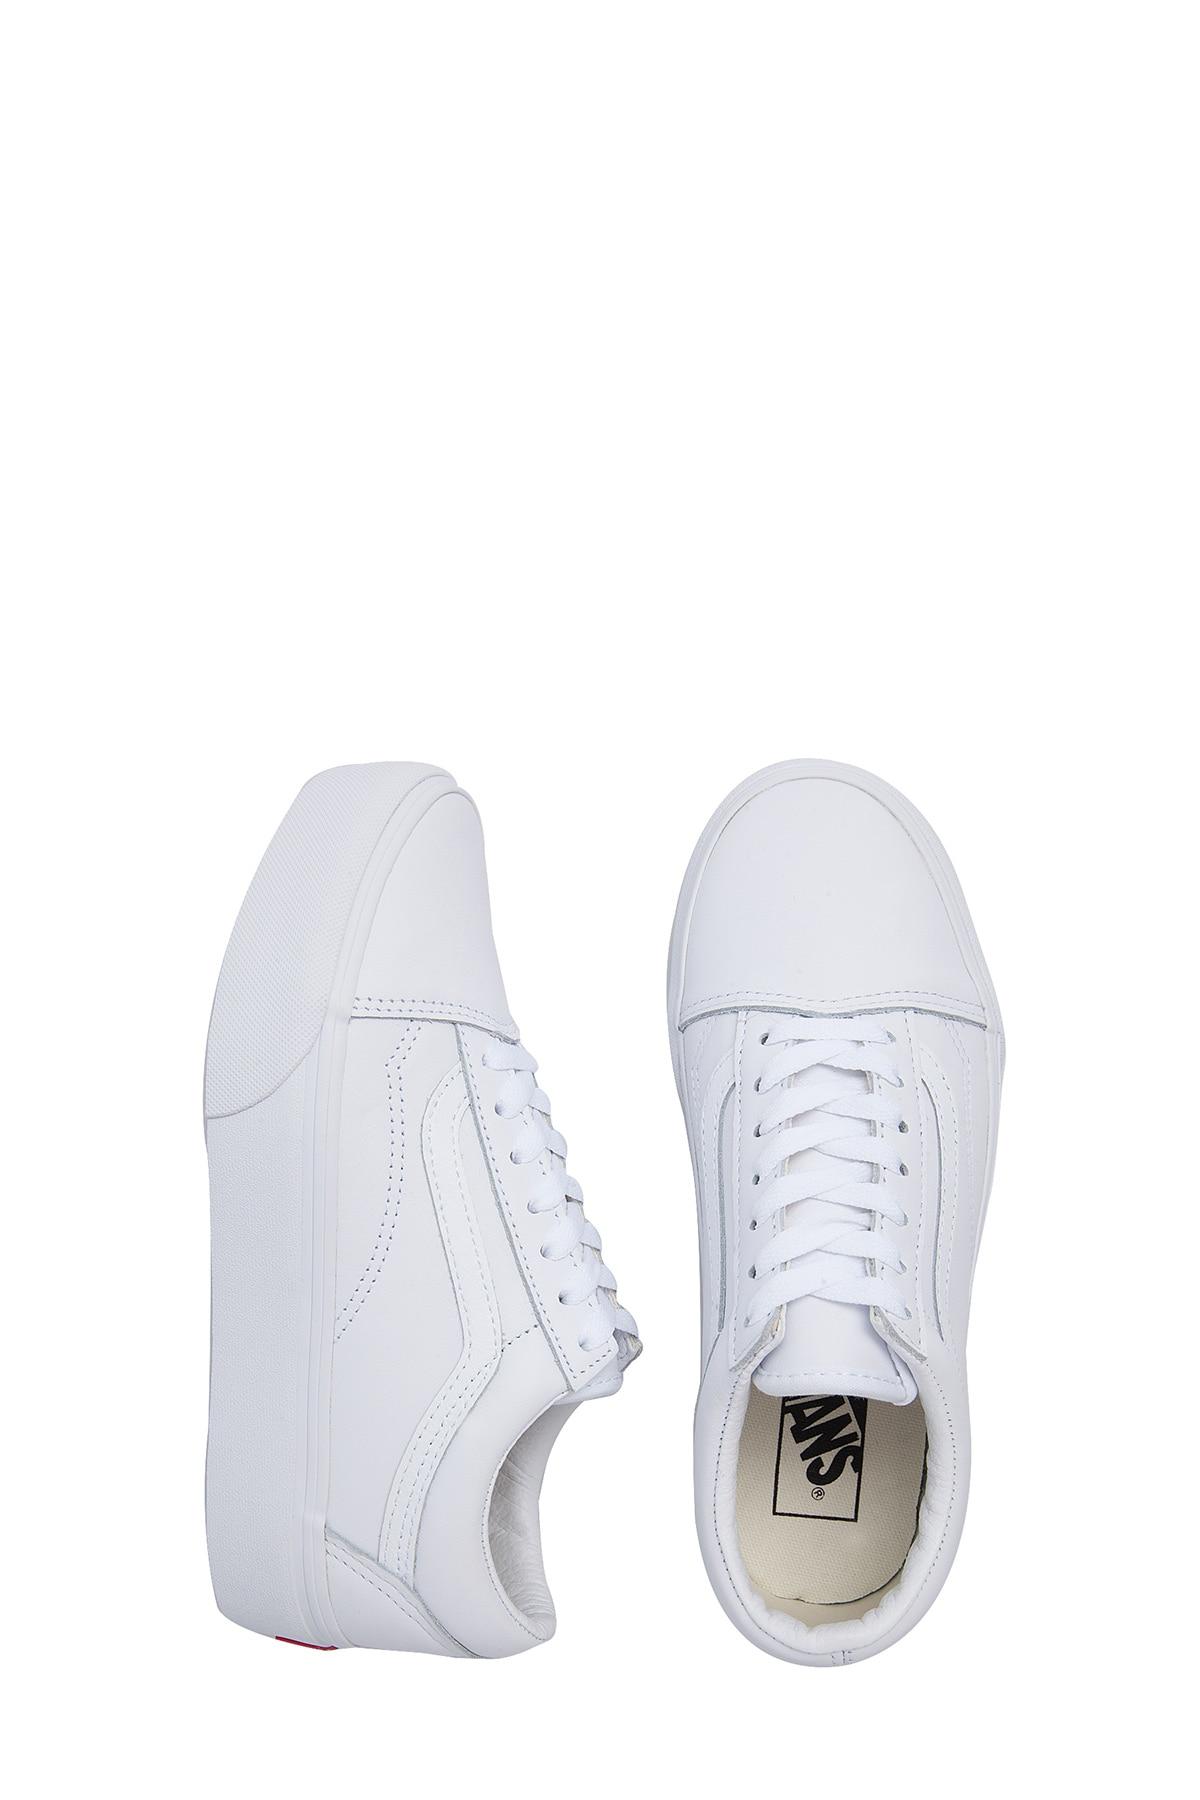 Vans UA Old Skool Platform Shoes WOMEN SHOES VN0A3B3UOER1